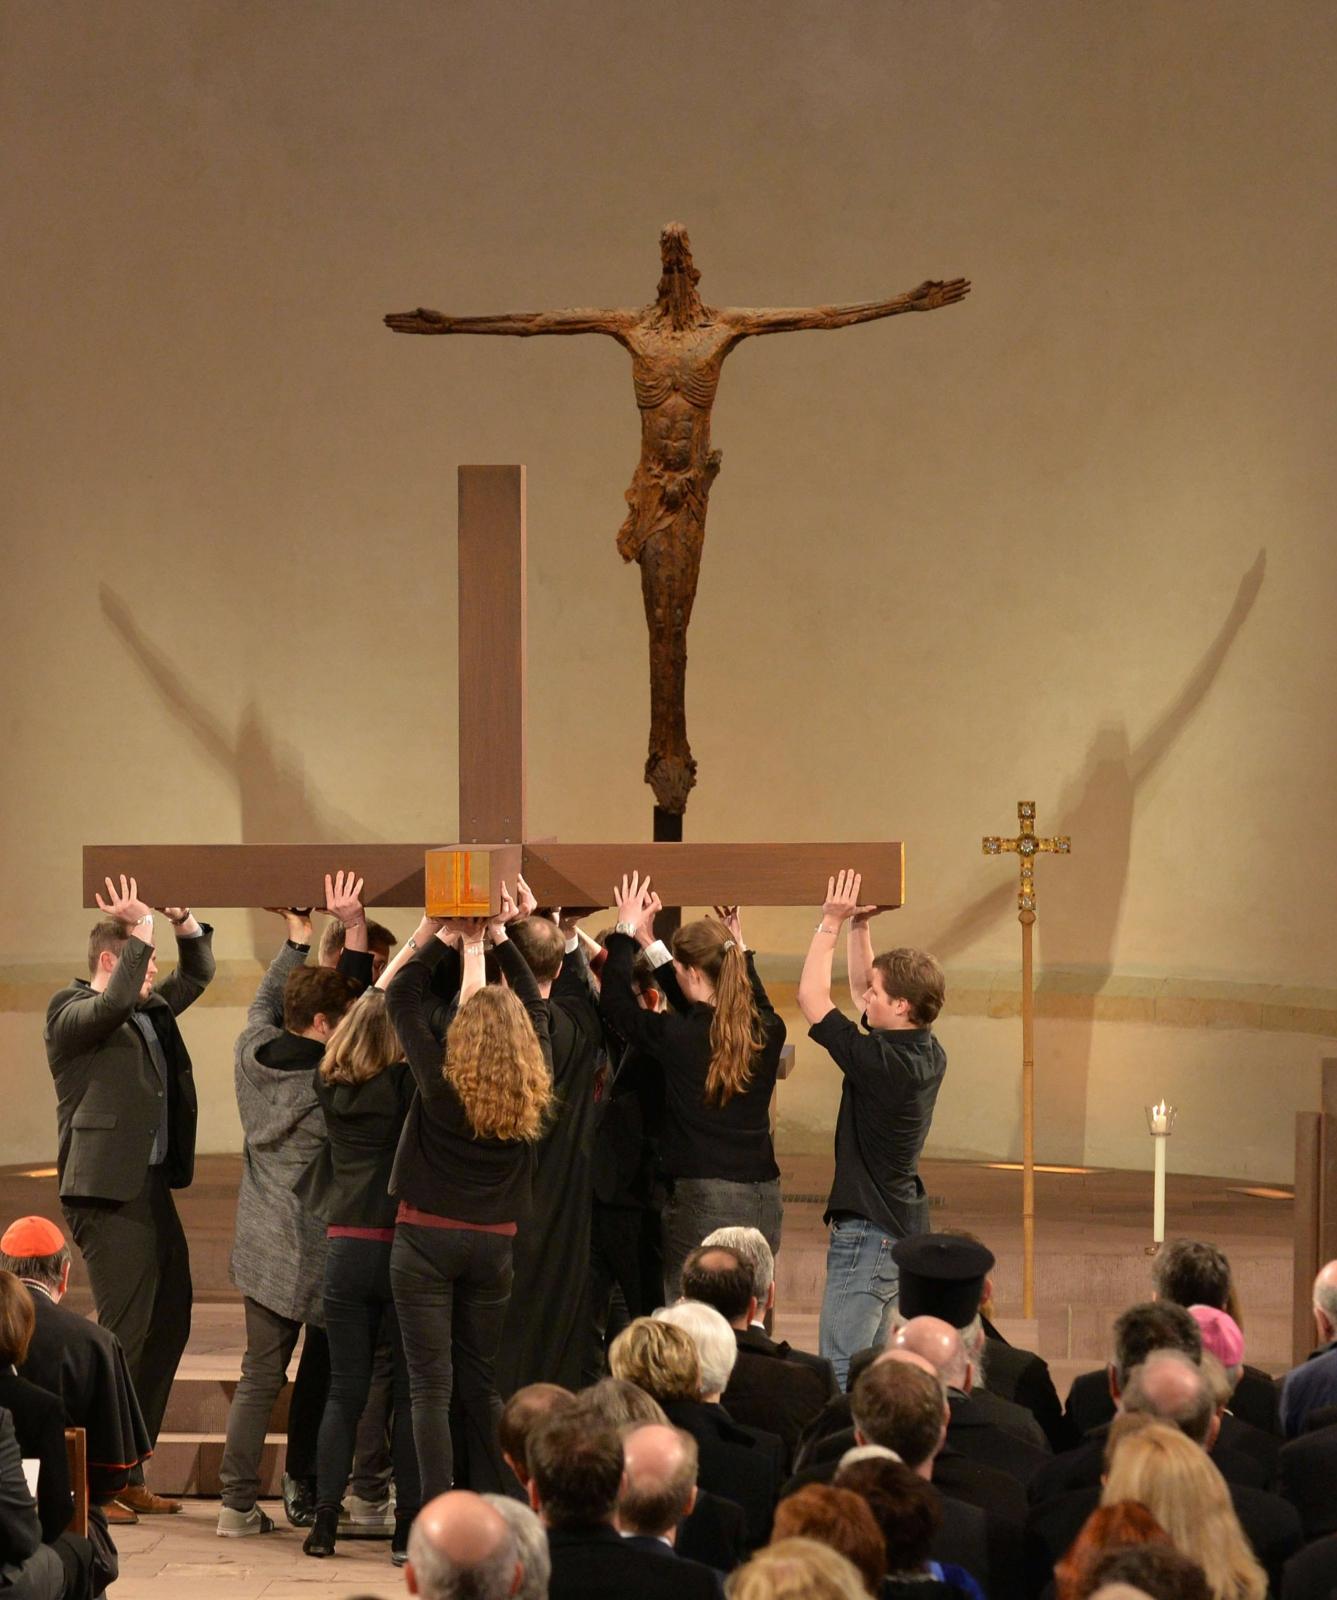 Protestancka i katolicka młodzież w trakcie ekumenicznego nabożeństwa odprawianego z okazji 500-lecia reformacji.